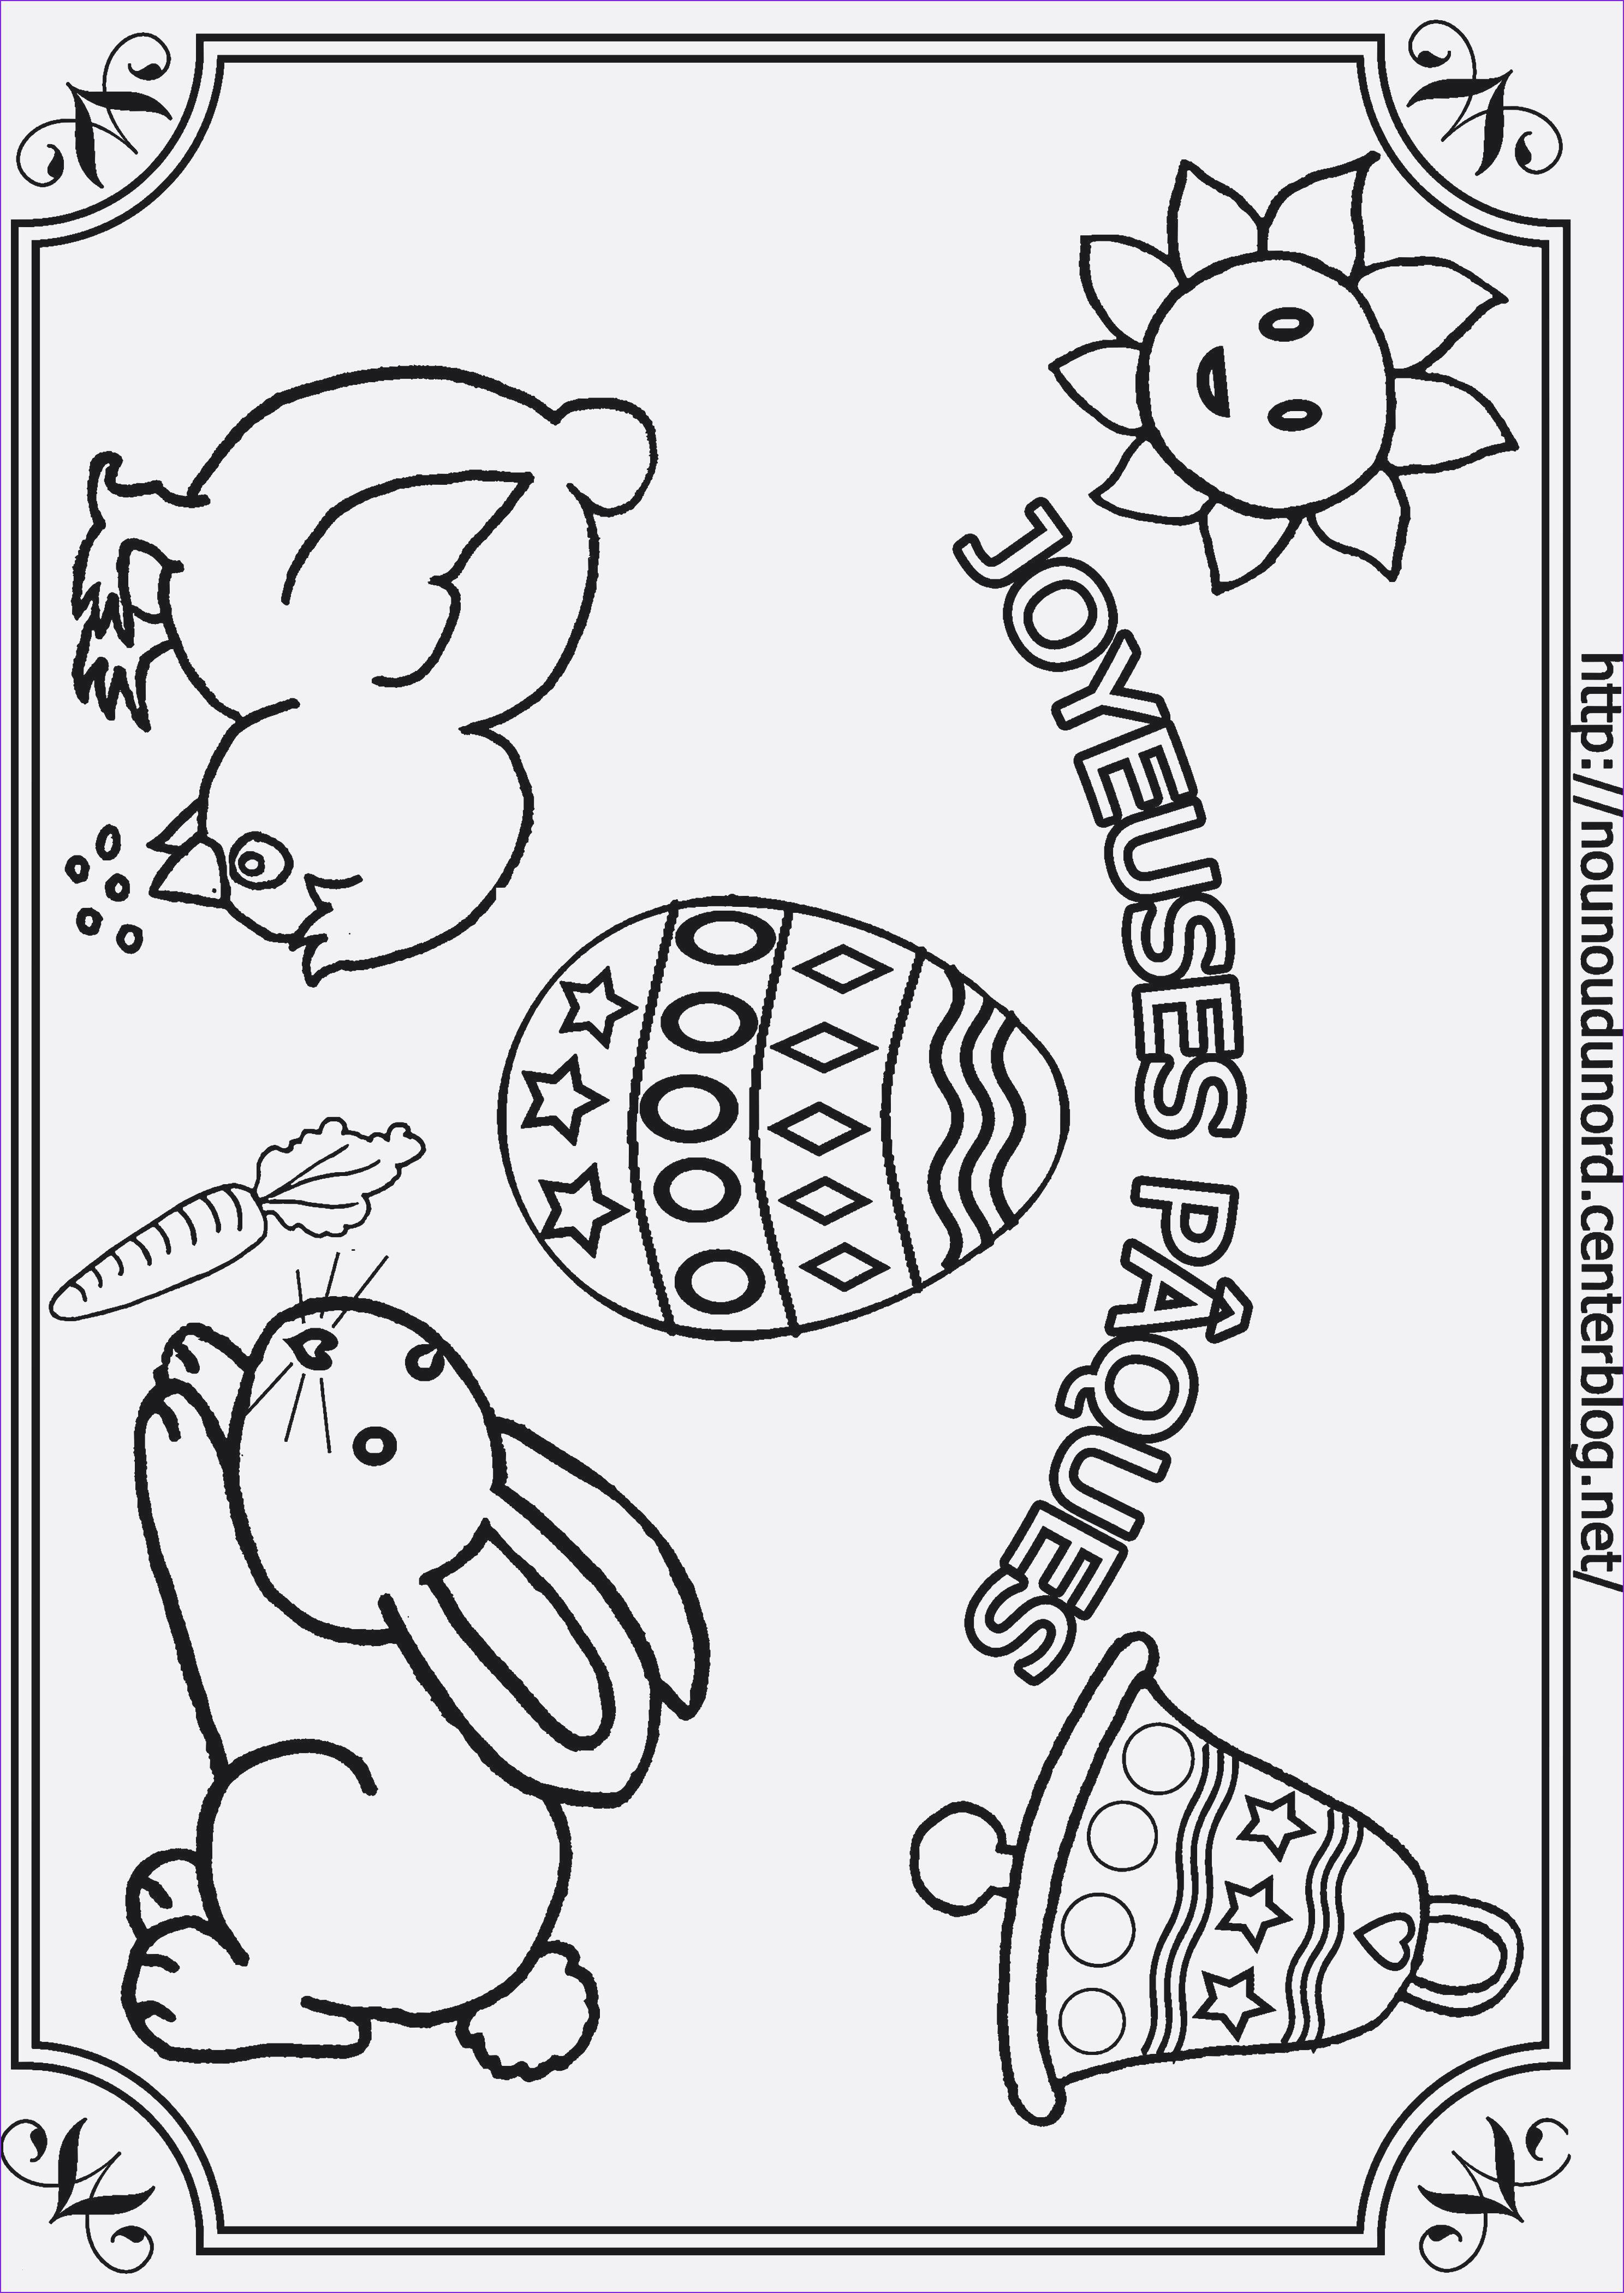 Ausmalbilder Schule Zum Ausdrucken Genial Winnie Puuh Malvorlagen Inspirierend Winnie the Pooh Christmas Stock